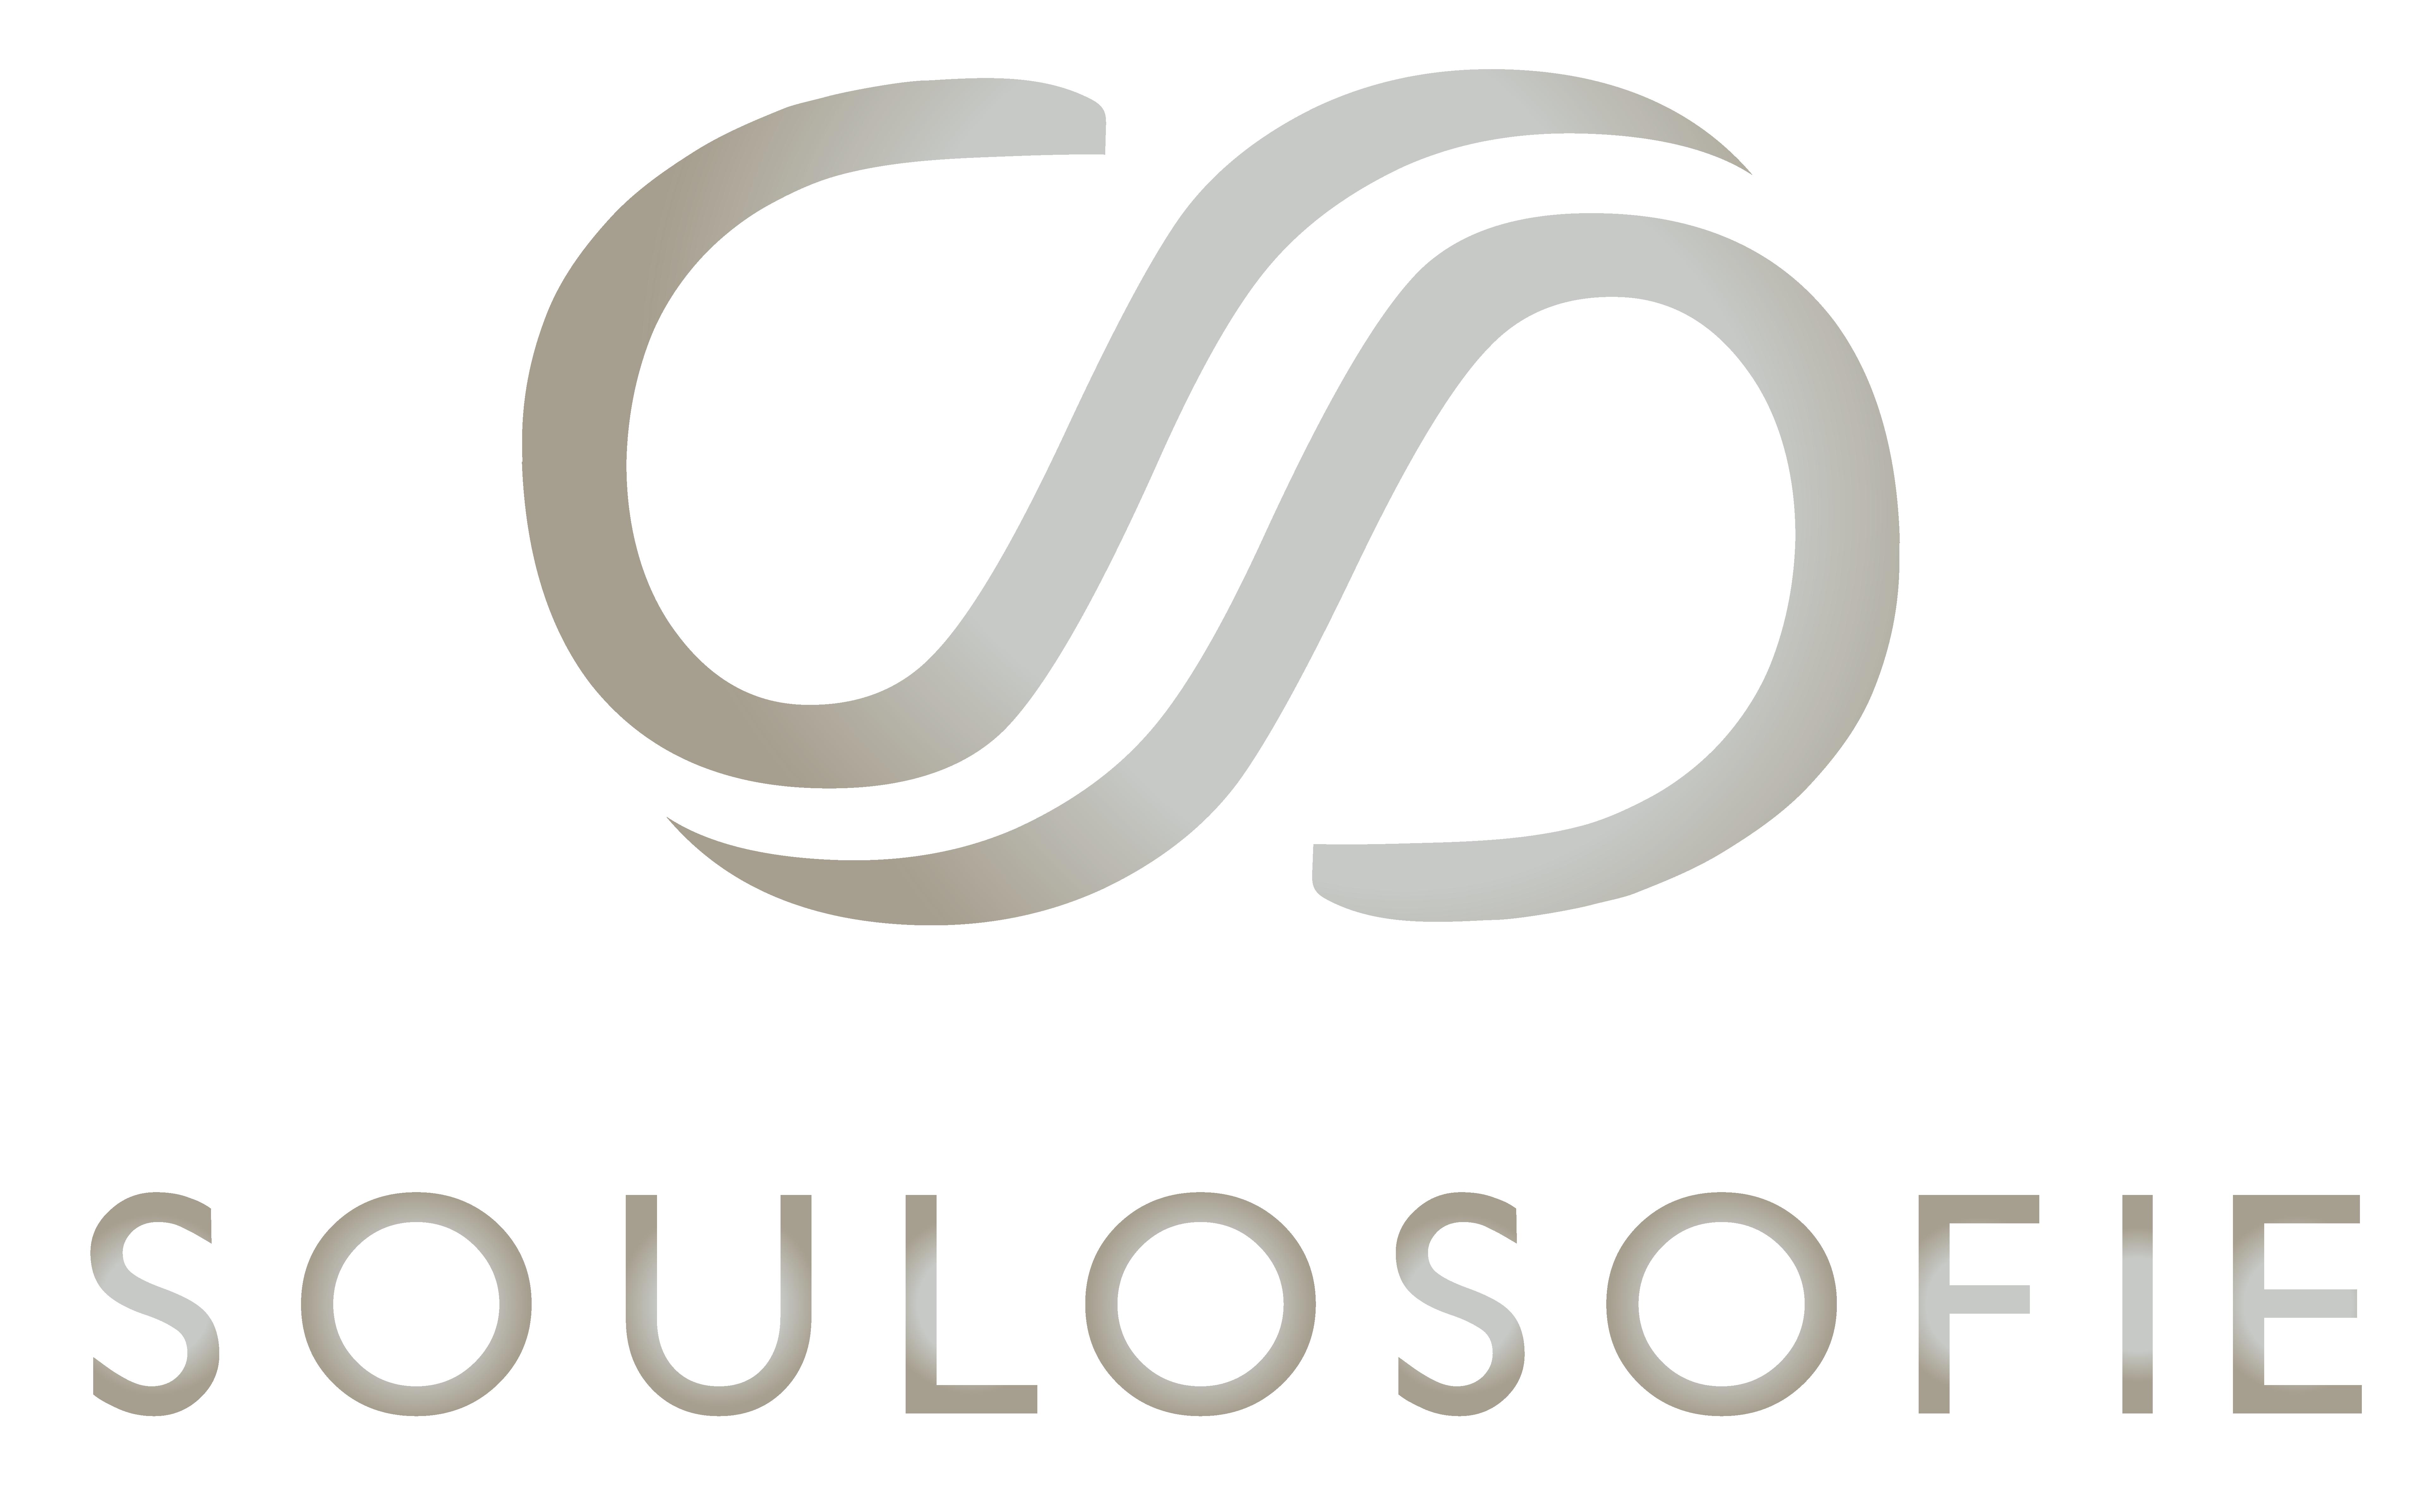 Soulosofie